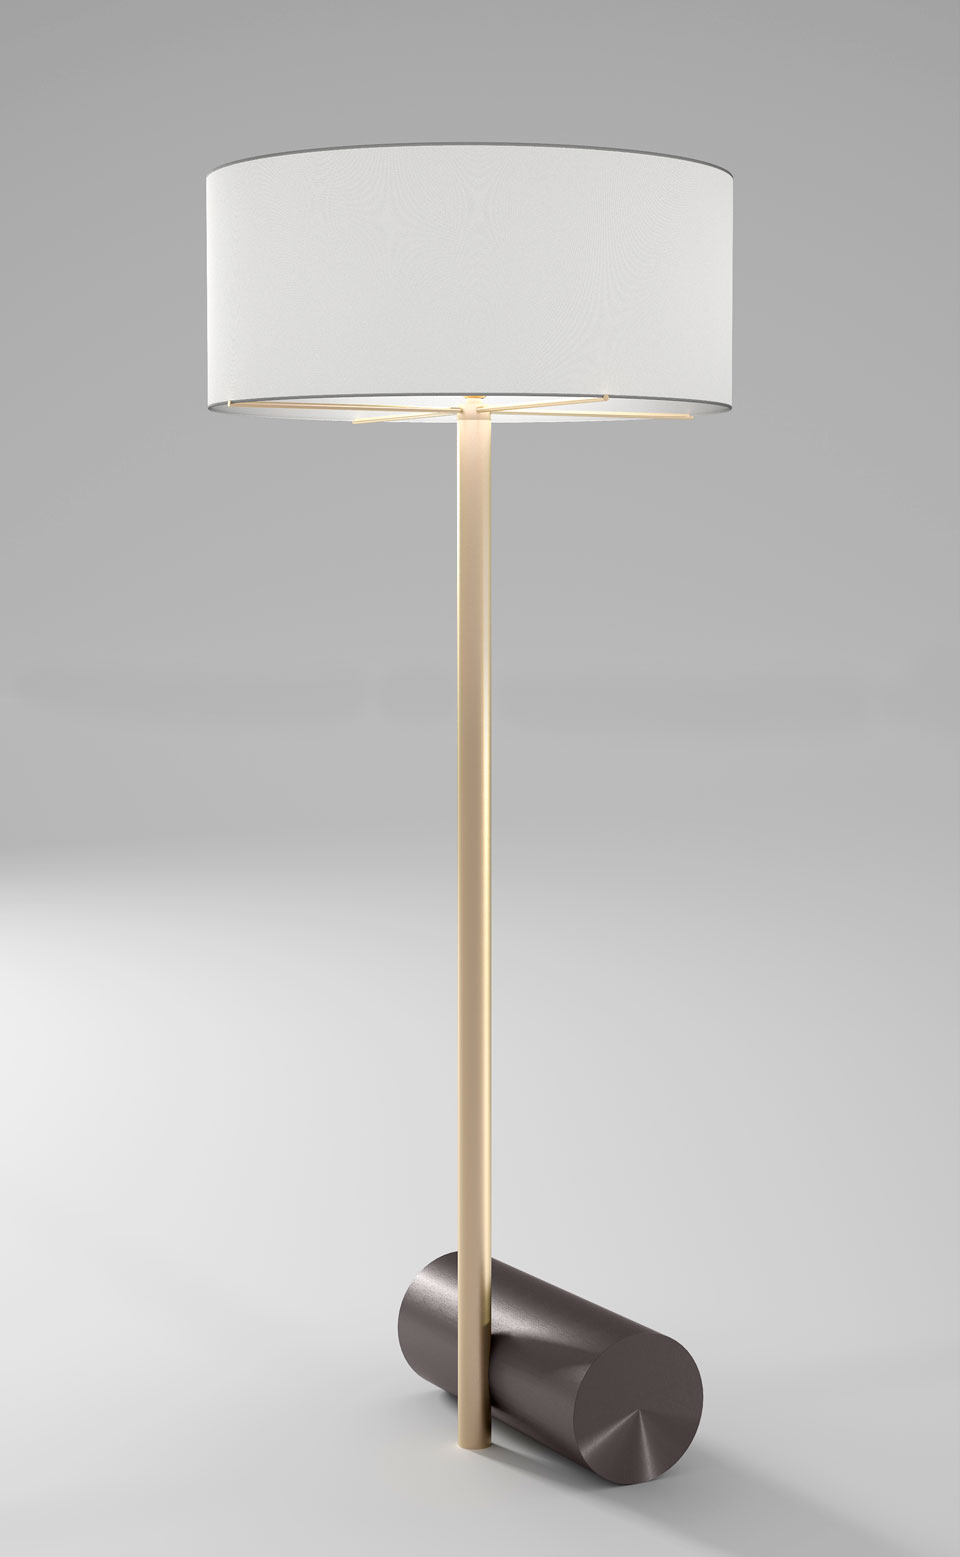 Grand lampadaire Calée XL, socle cylindrique, laiton satiné et graphite. CVL Luminaires.